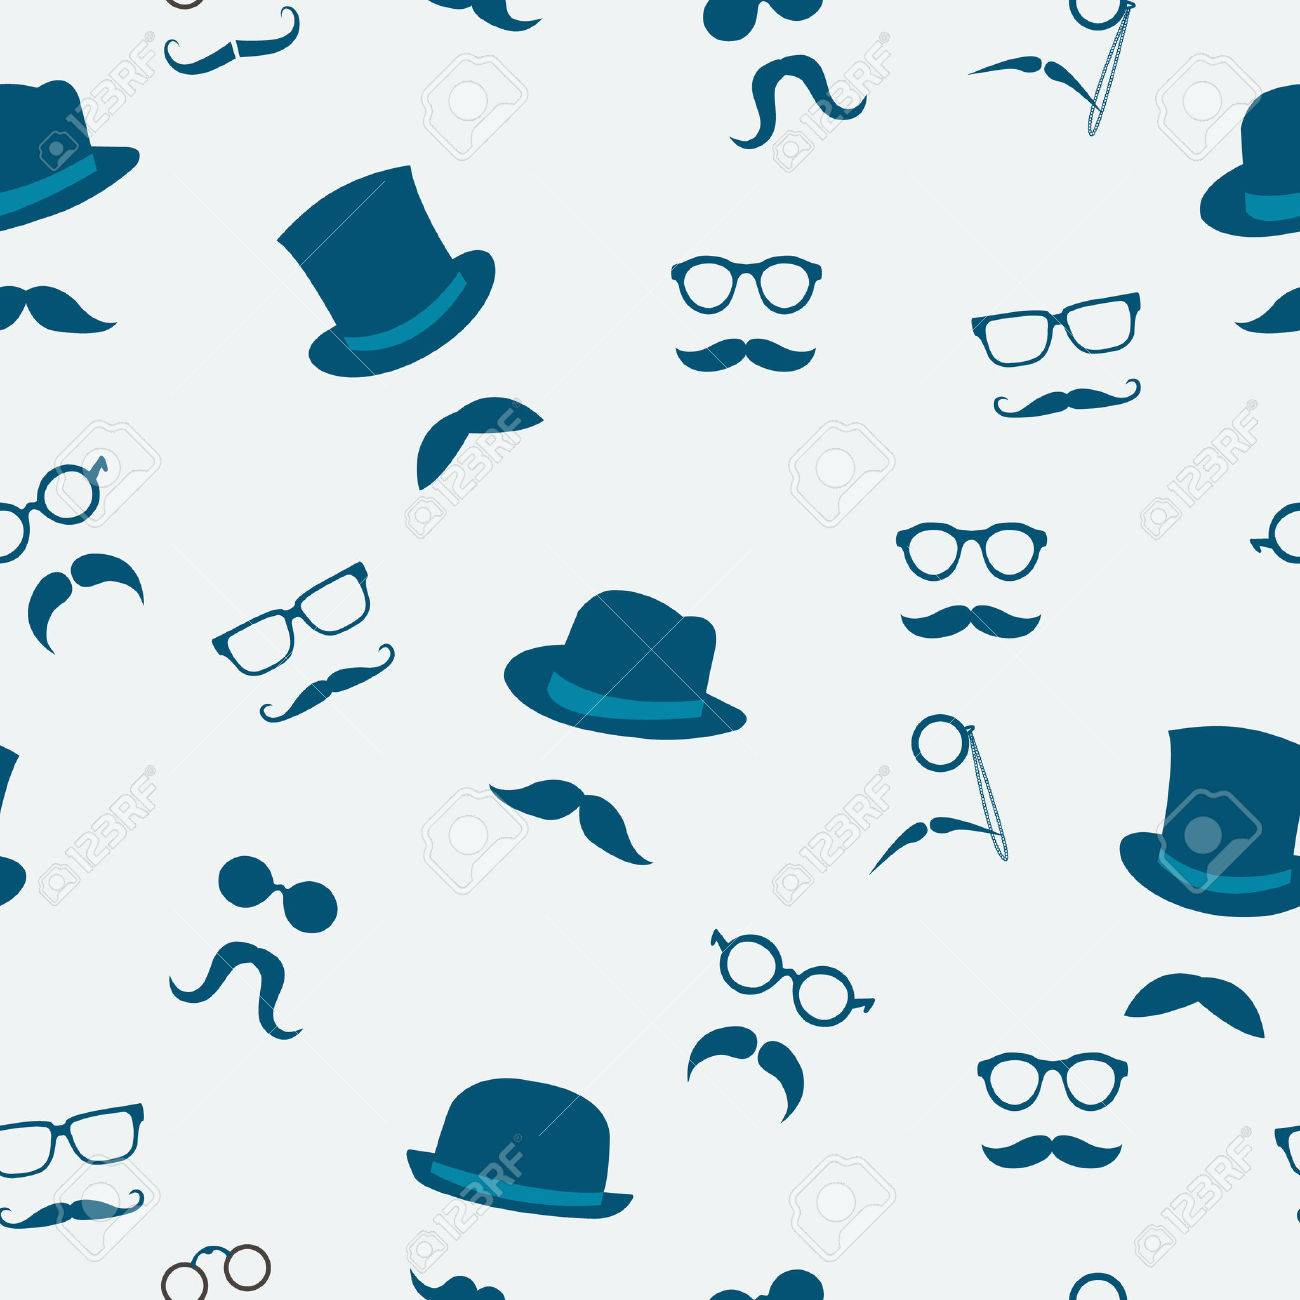 Accesorios Del Doodle De Sombreros Bigote Y Gafas De Patrón De Fondo ...